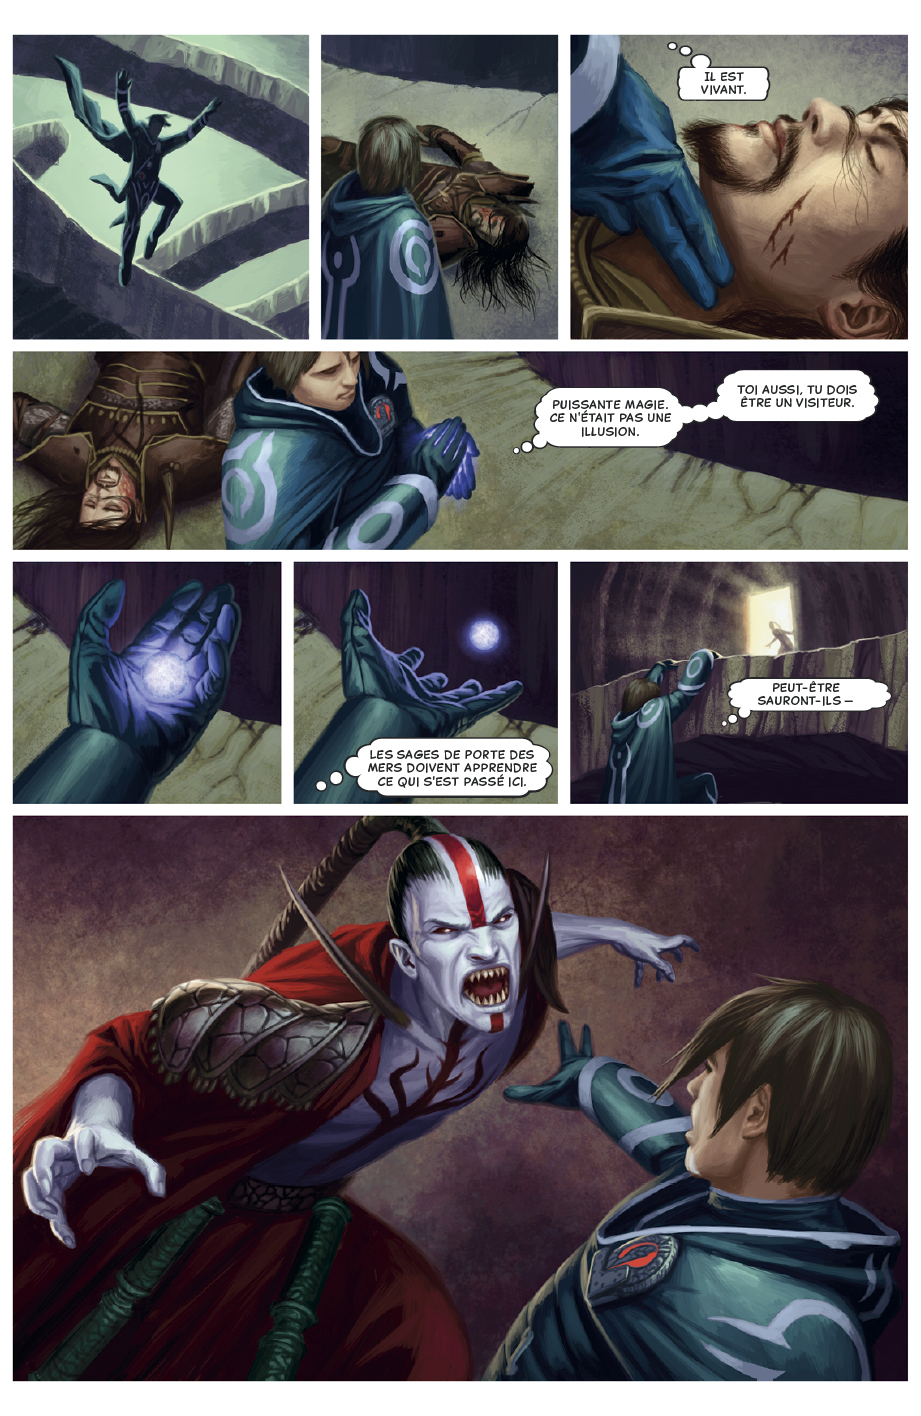 Enter the Eldrazi, Part 1: Page 3